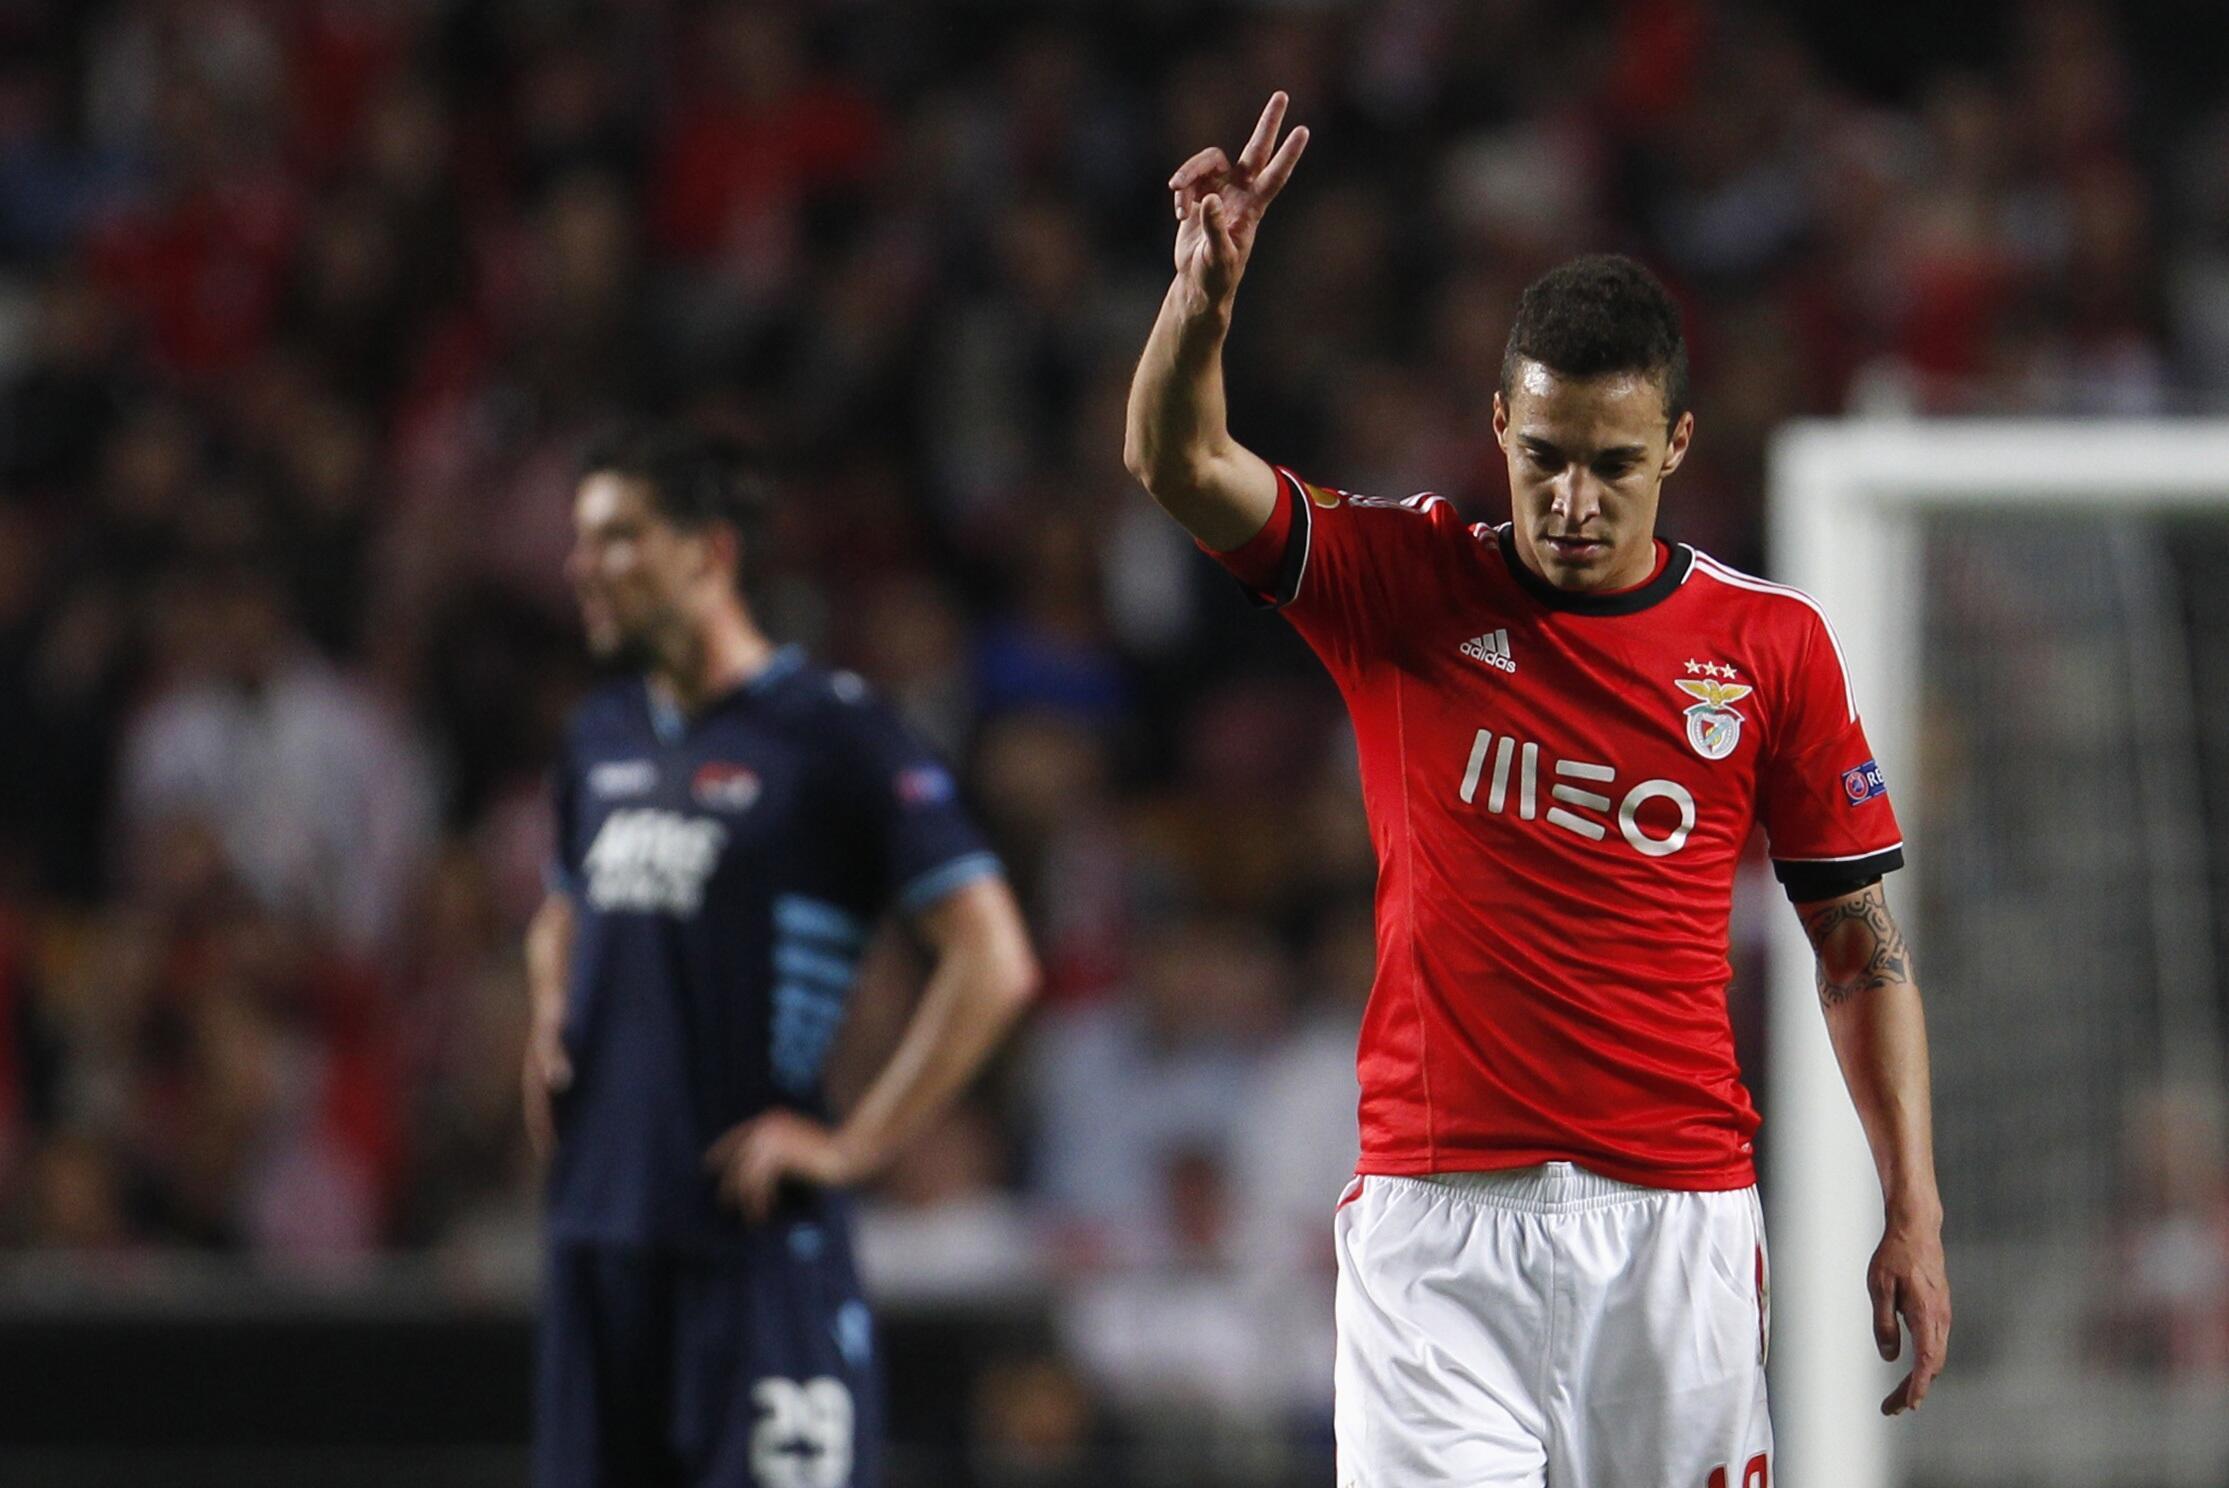 Rodrigo, avançado do Benfica, apontou os dois golos da vitória frente aos holandeses do AZ Alkmaar.